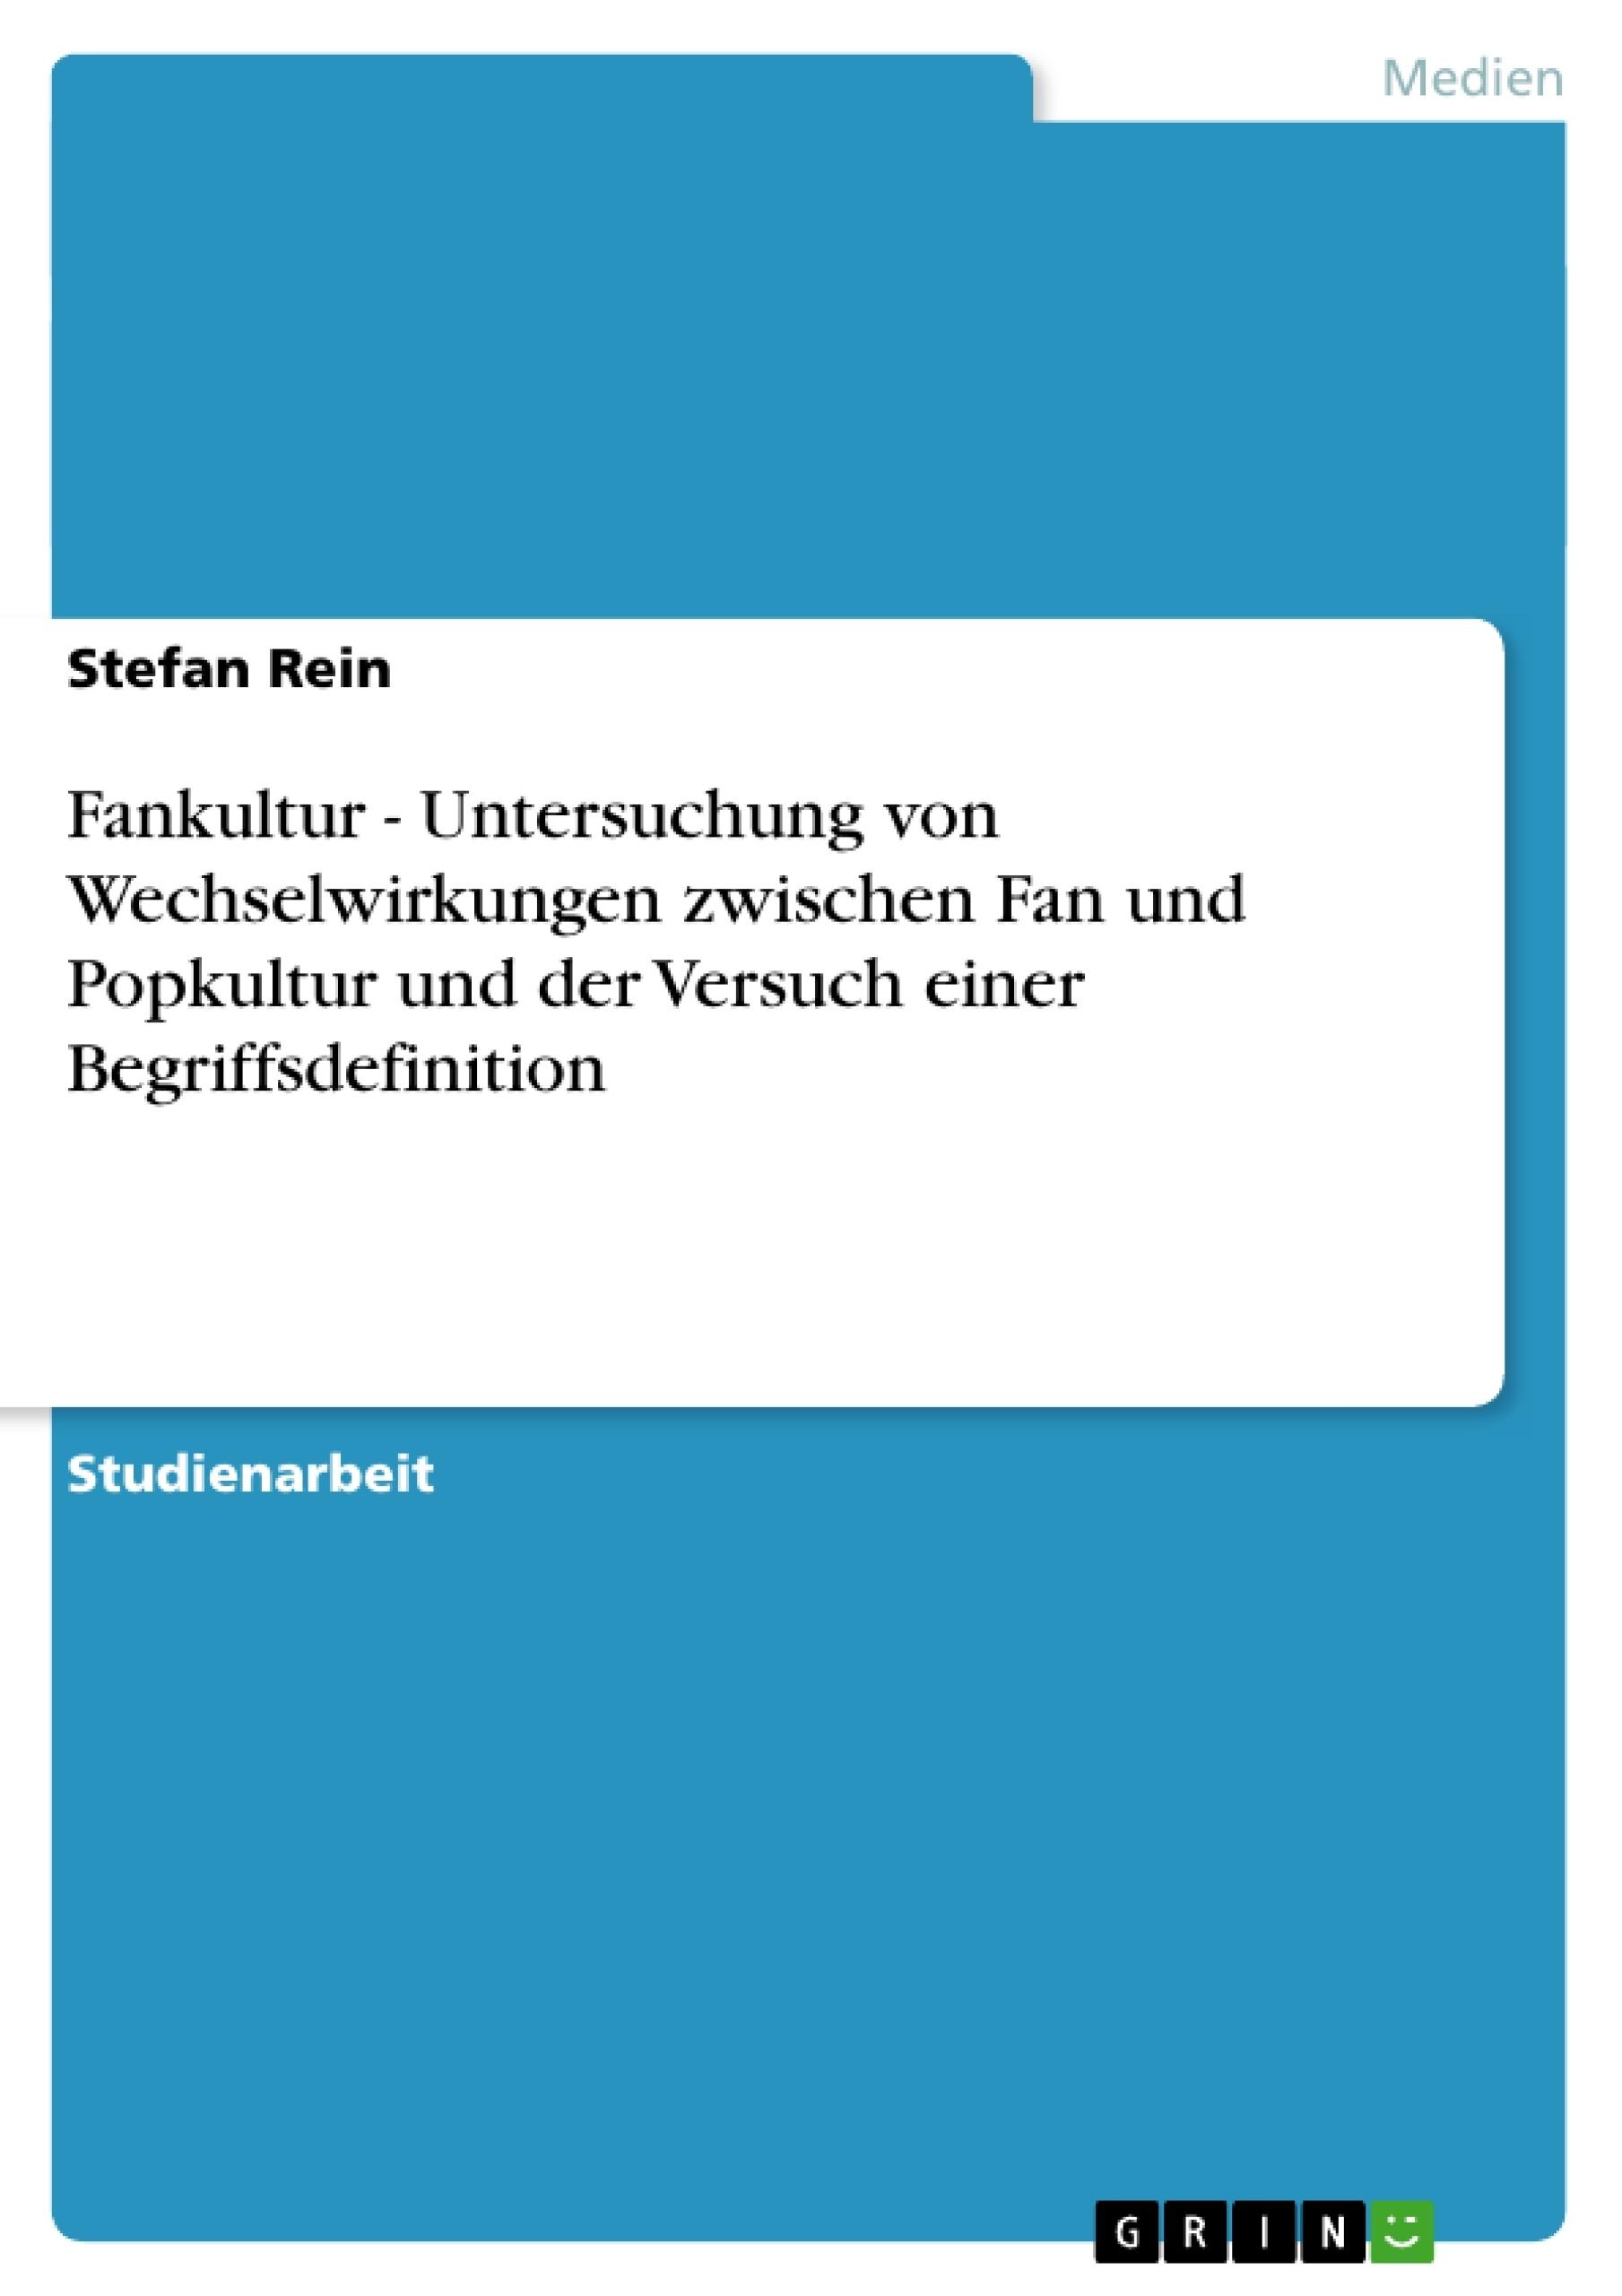 Titel: Fankultur - Untersuchung von Wechselwirkungen zwischen Fan und Popkultur und der Versuch einer Begriffsdefinition